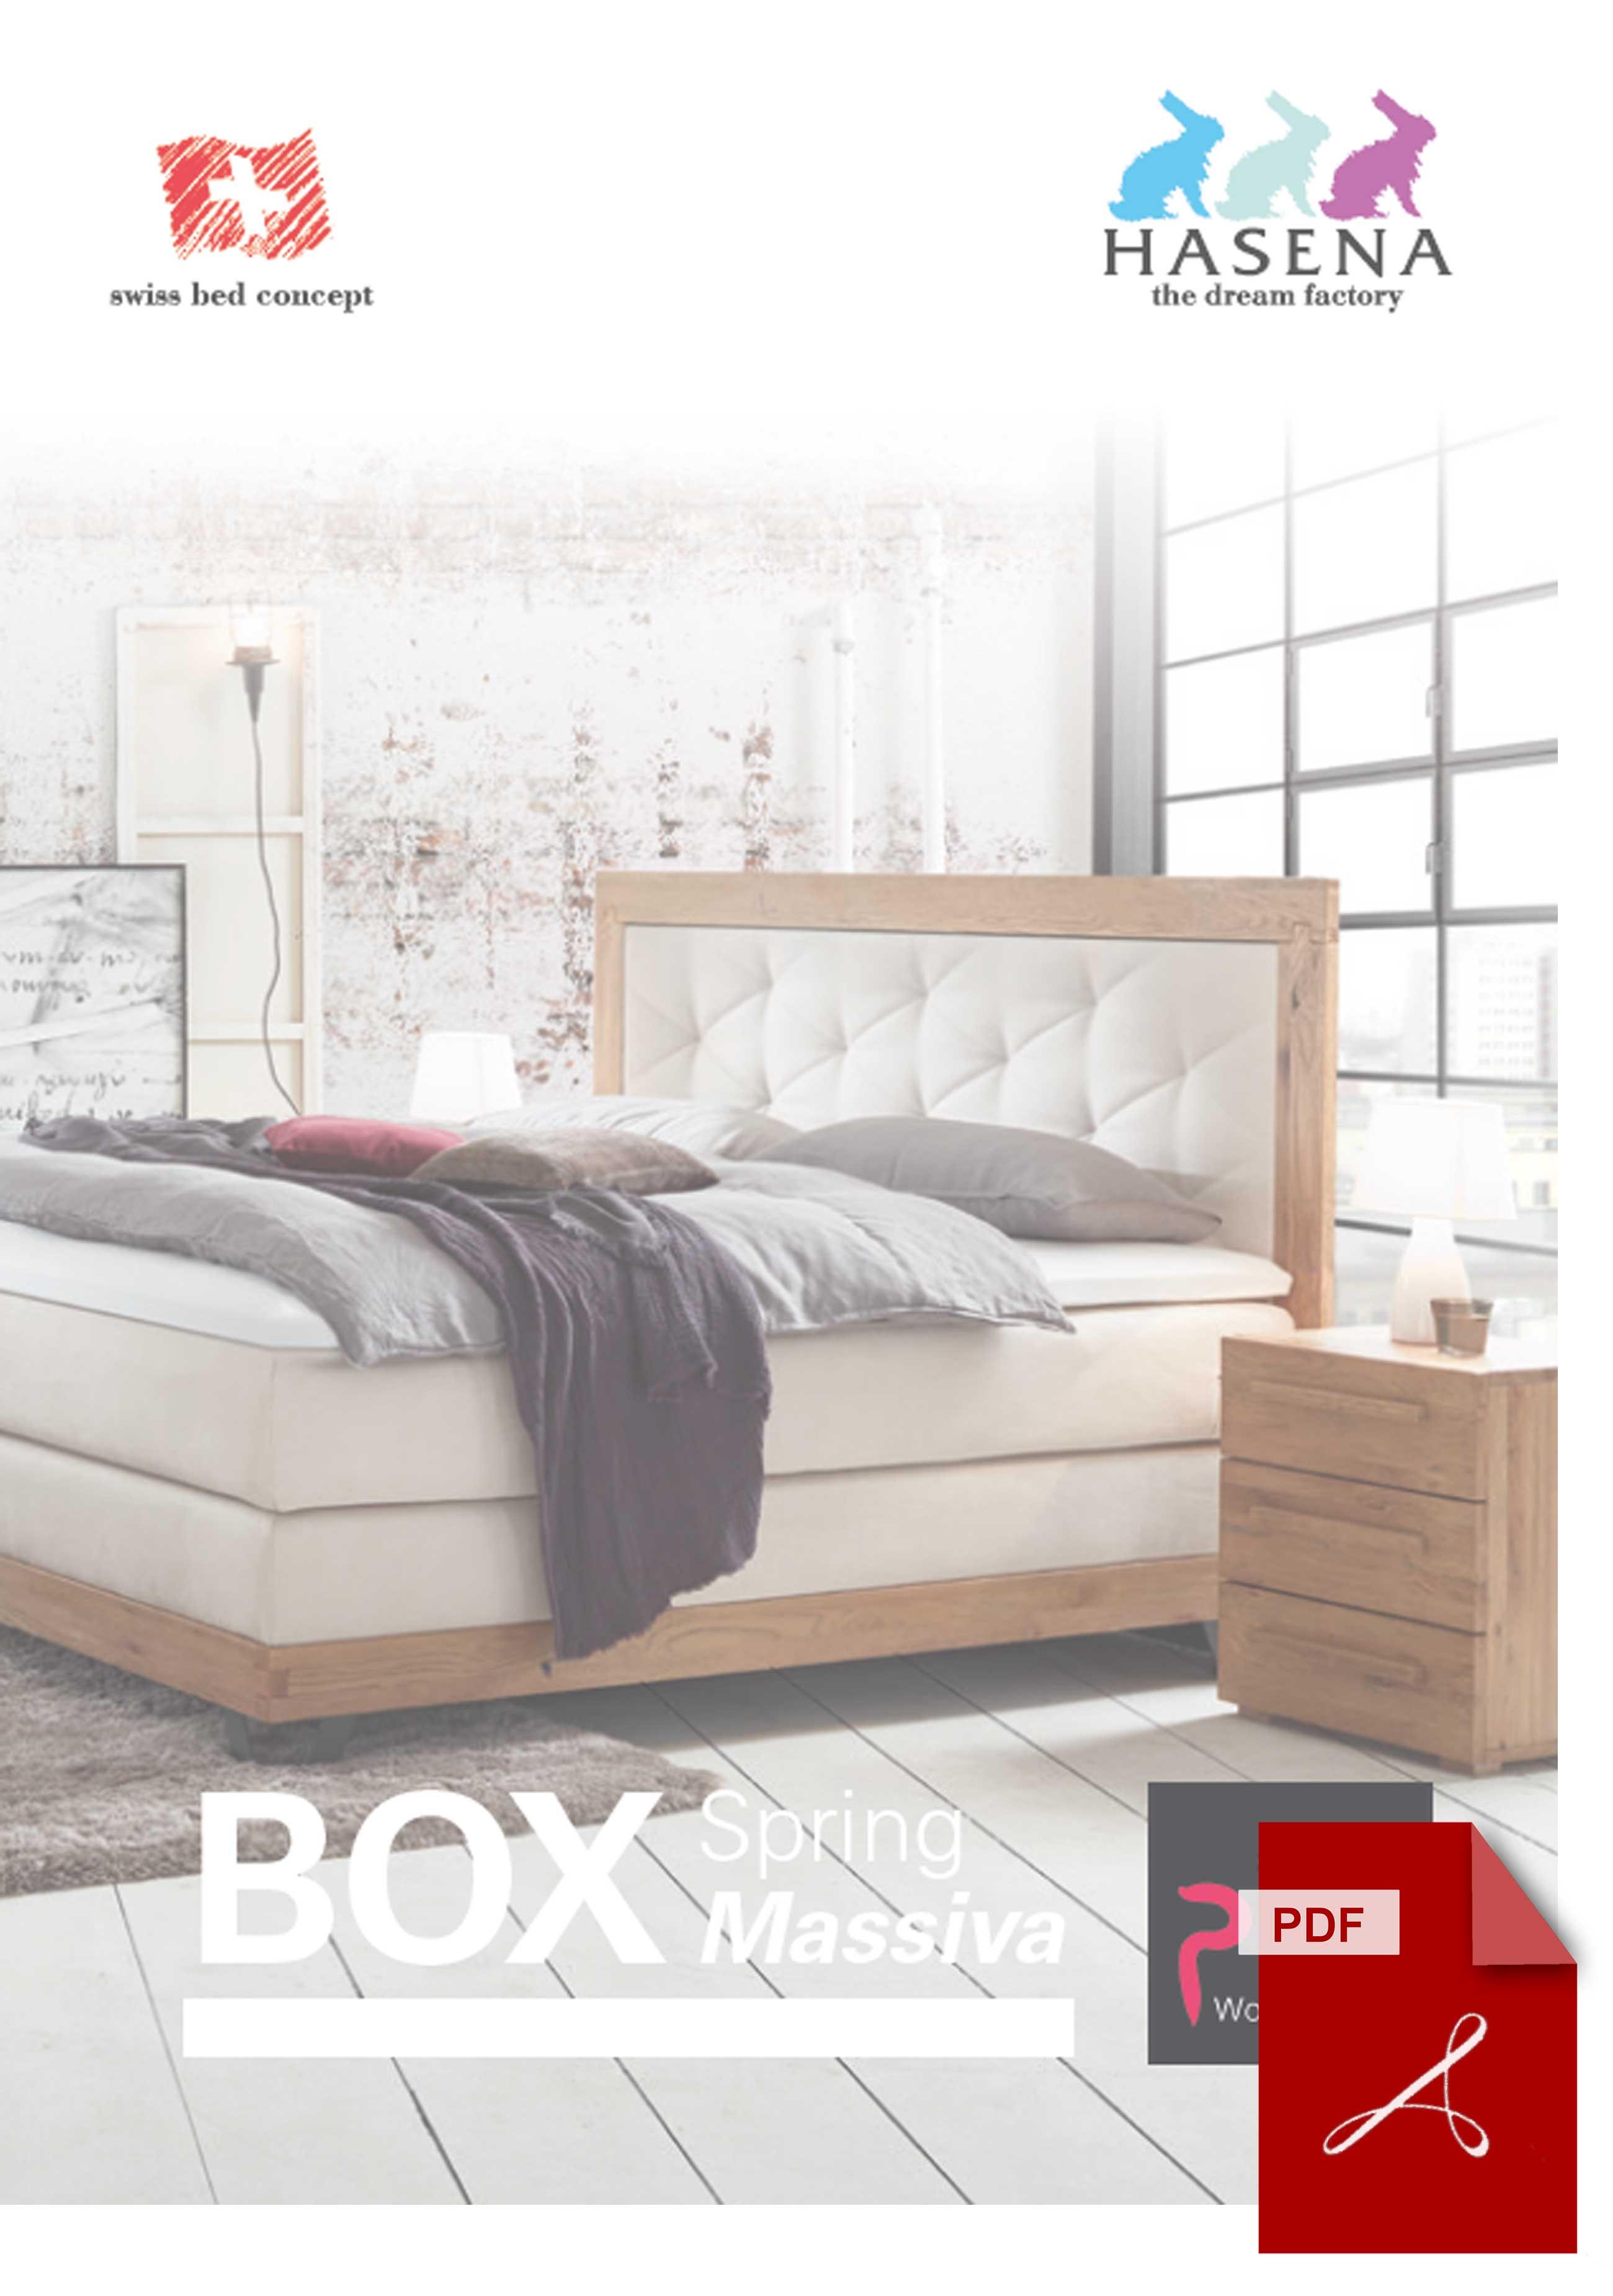 Katalog Hasena Boxspringbett Massiva zum Download